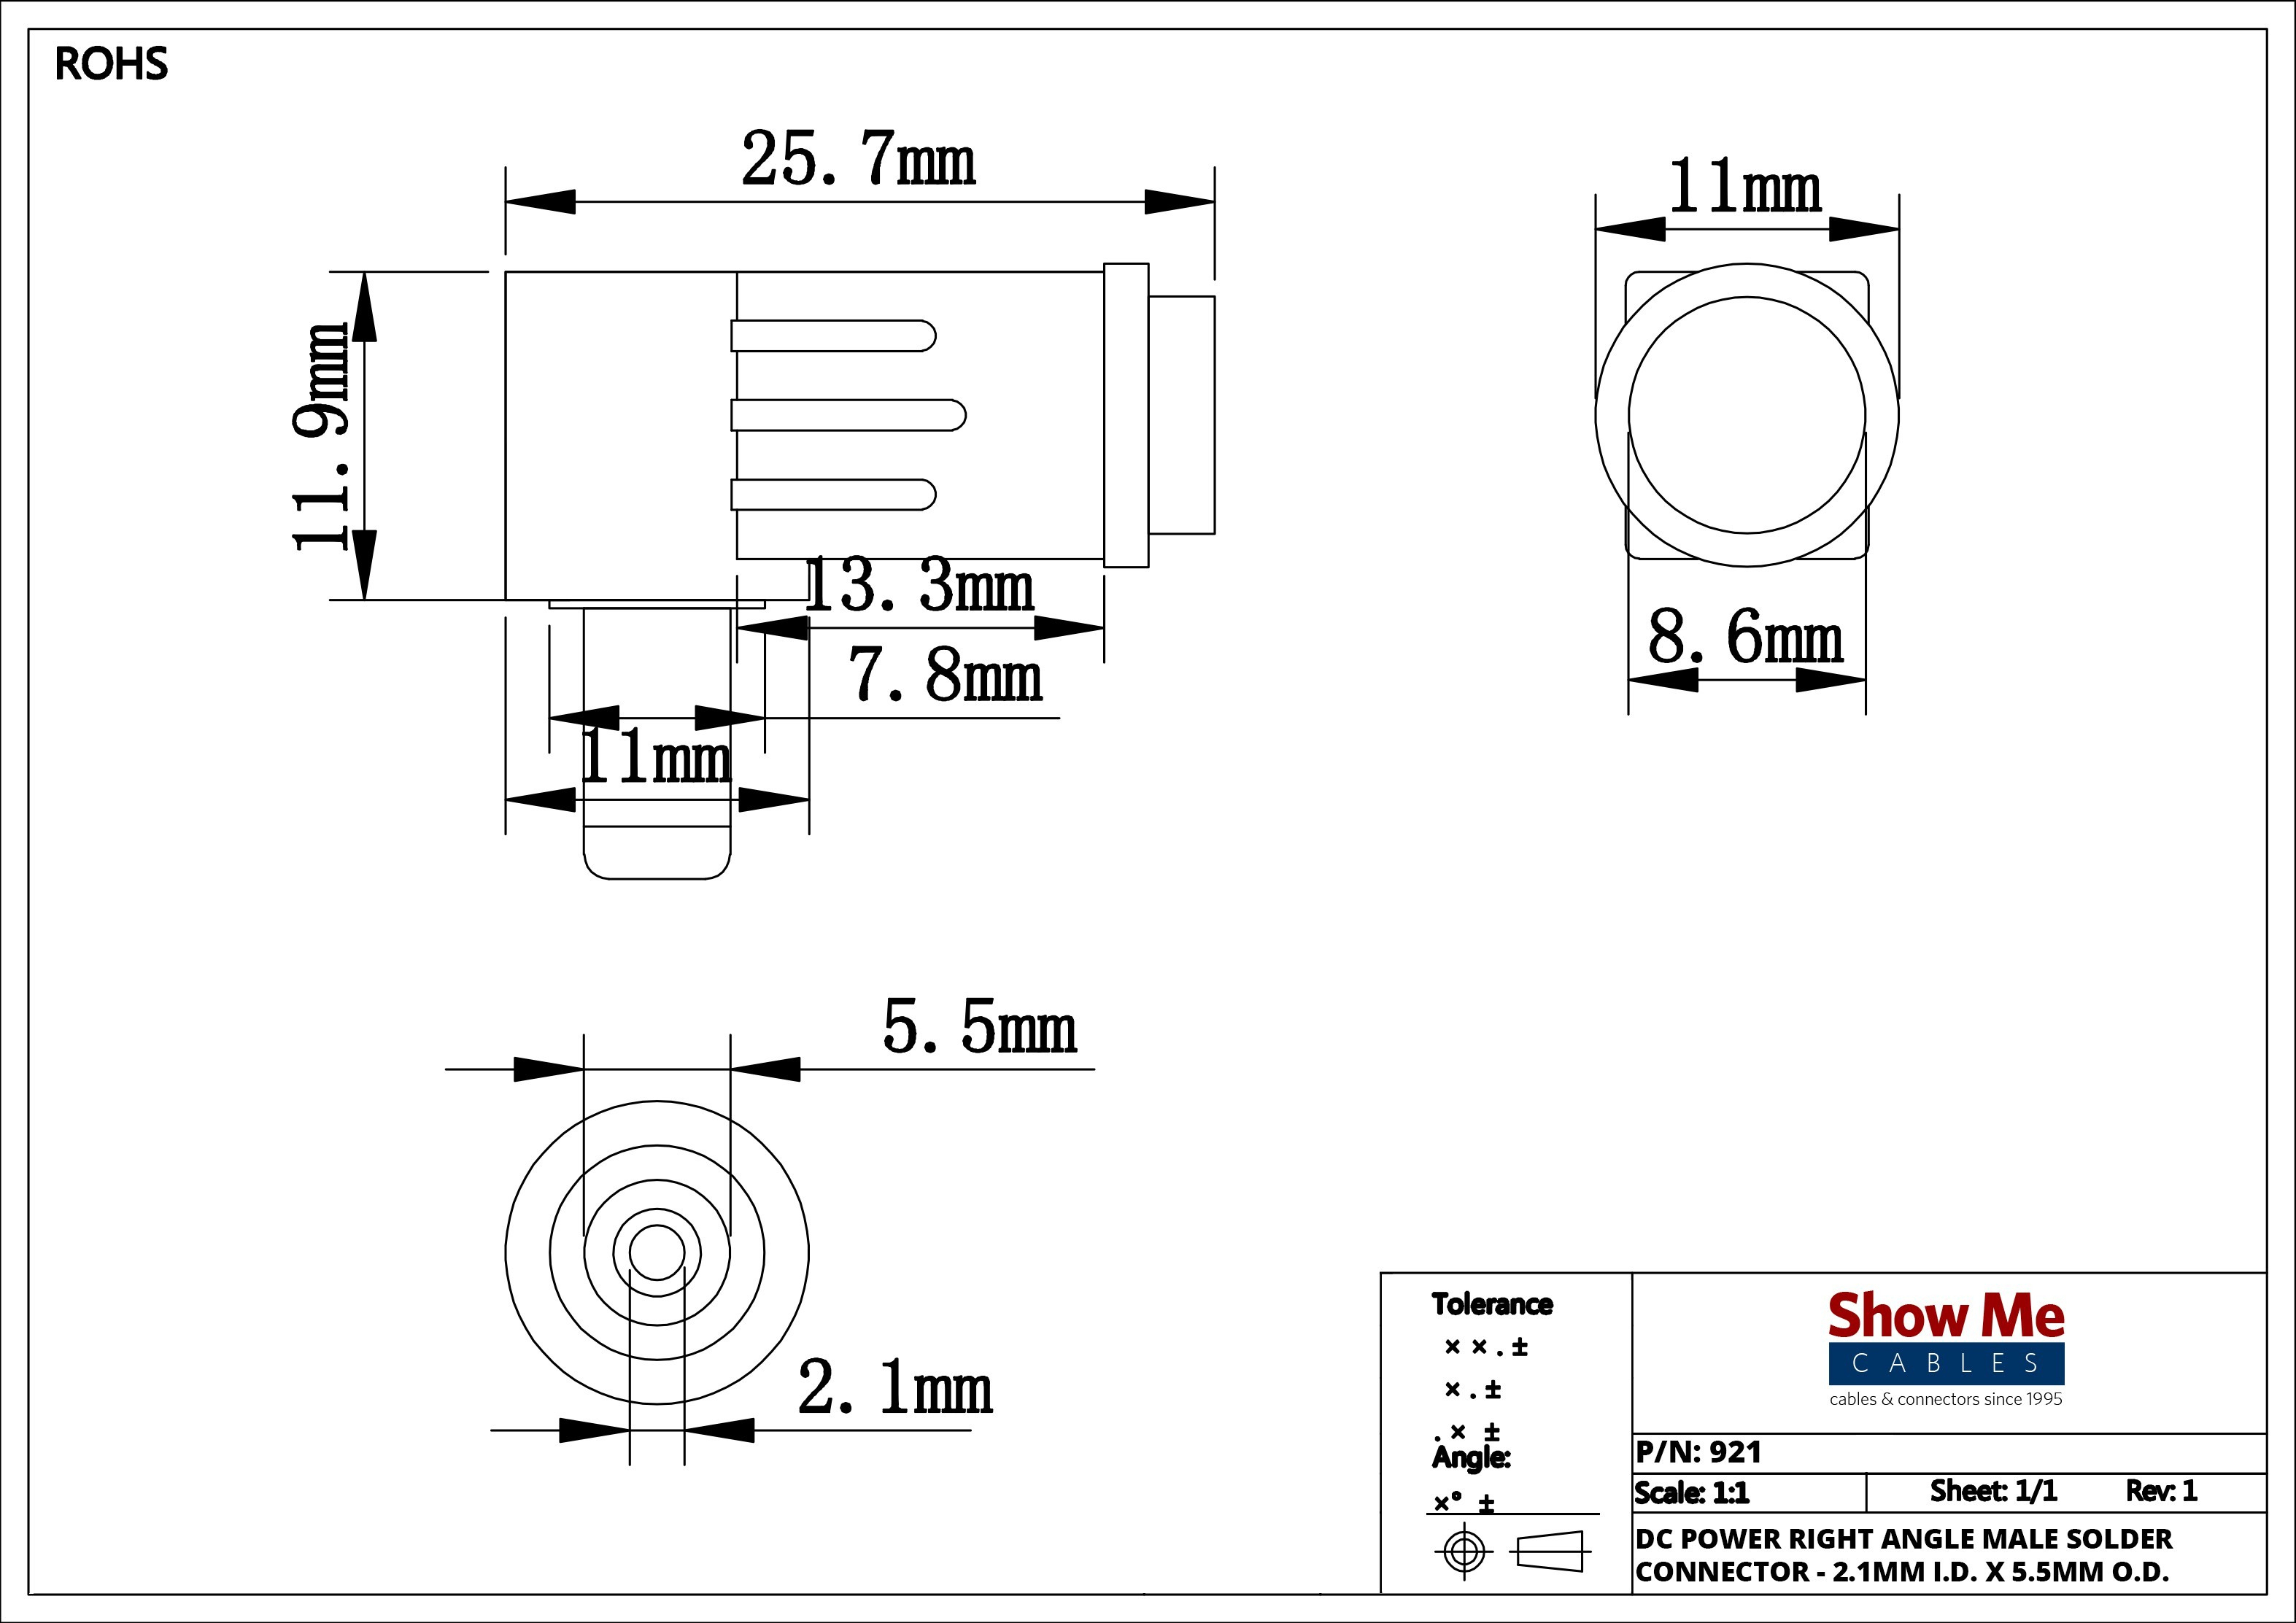 7 Prong Trailer Wiring Diagram Download | Wiring Diagram Sample - 7 Prong Trailer Wiring Diagram